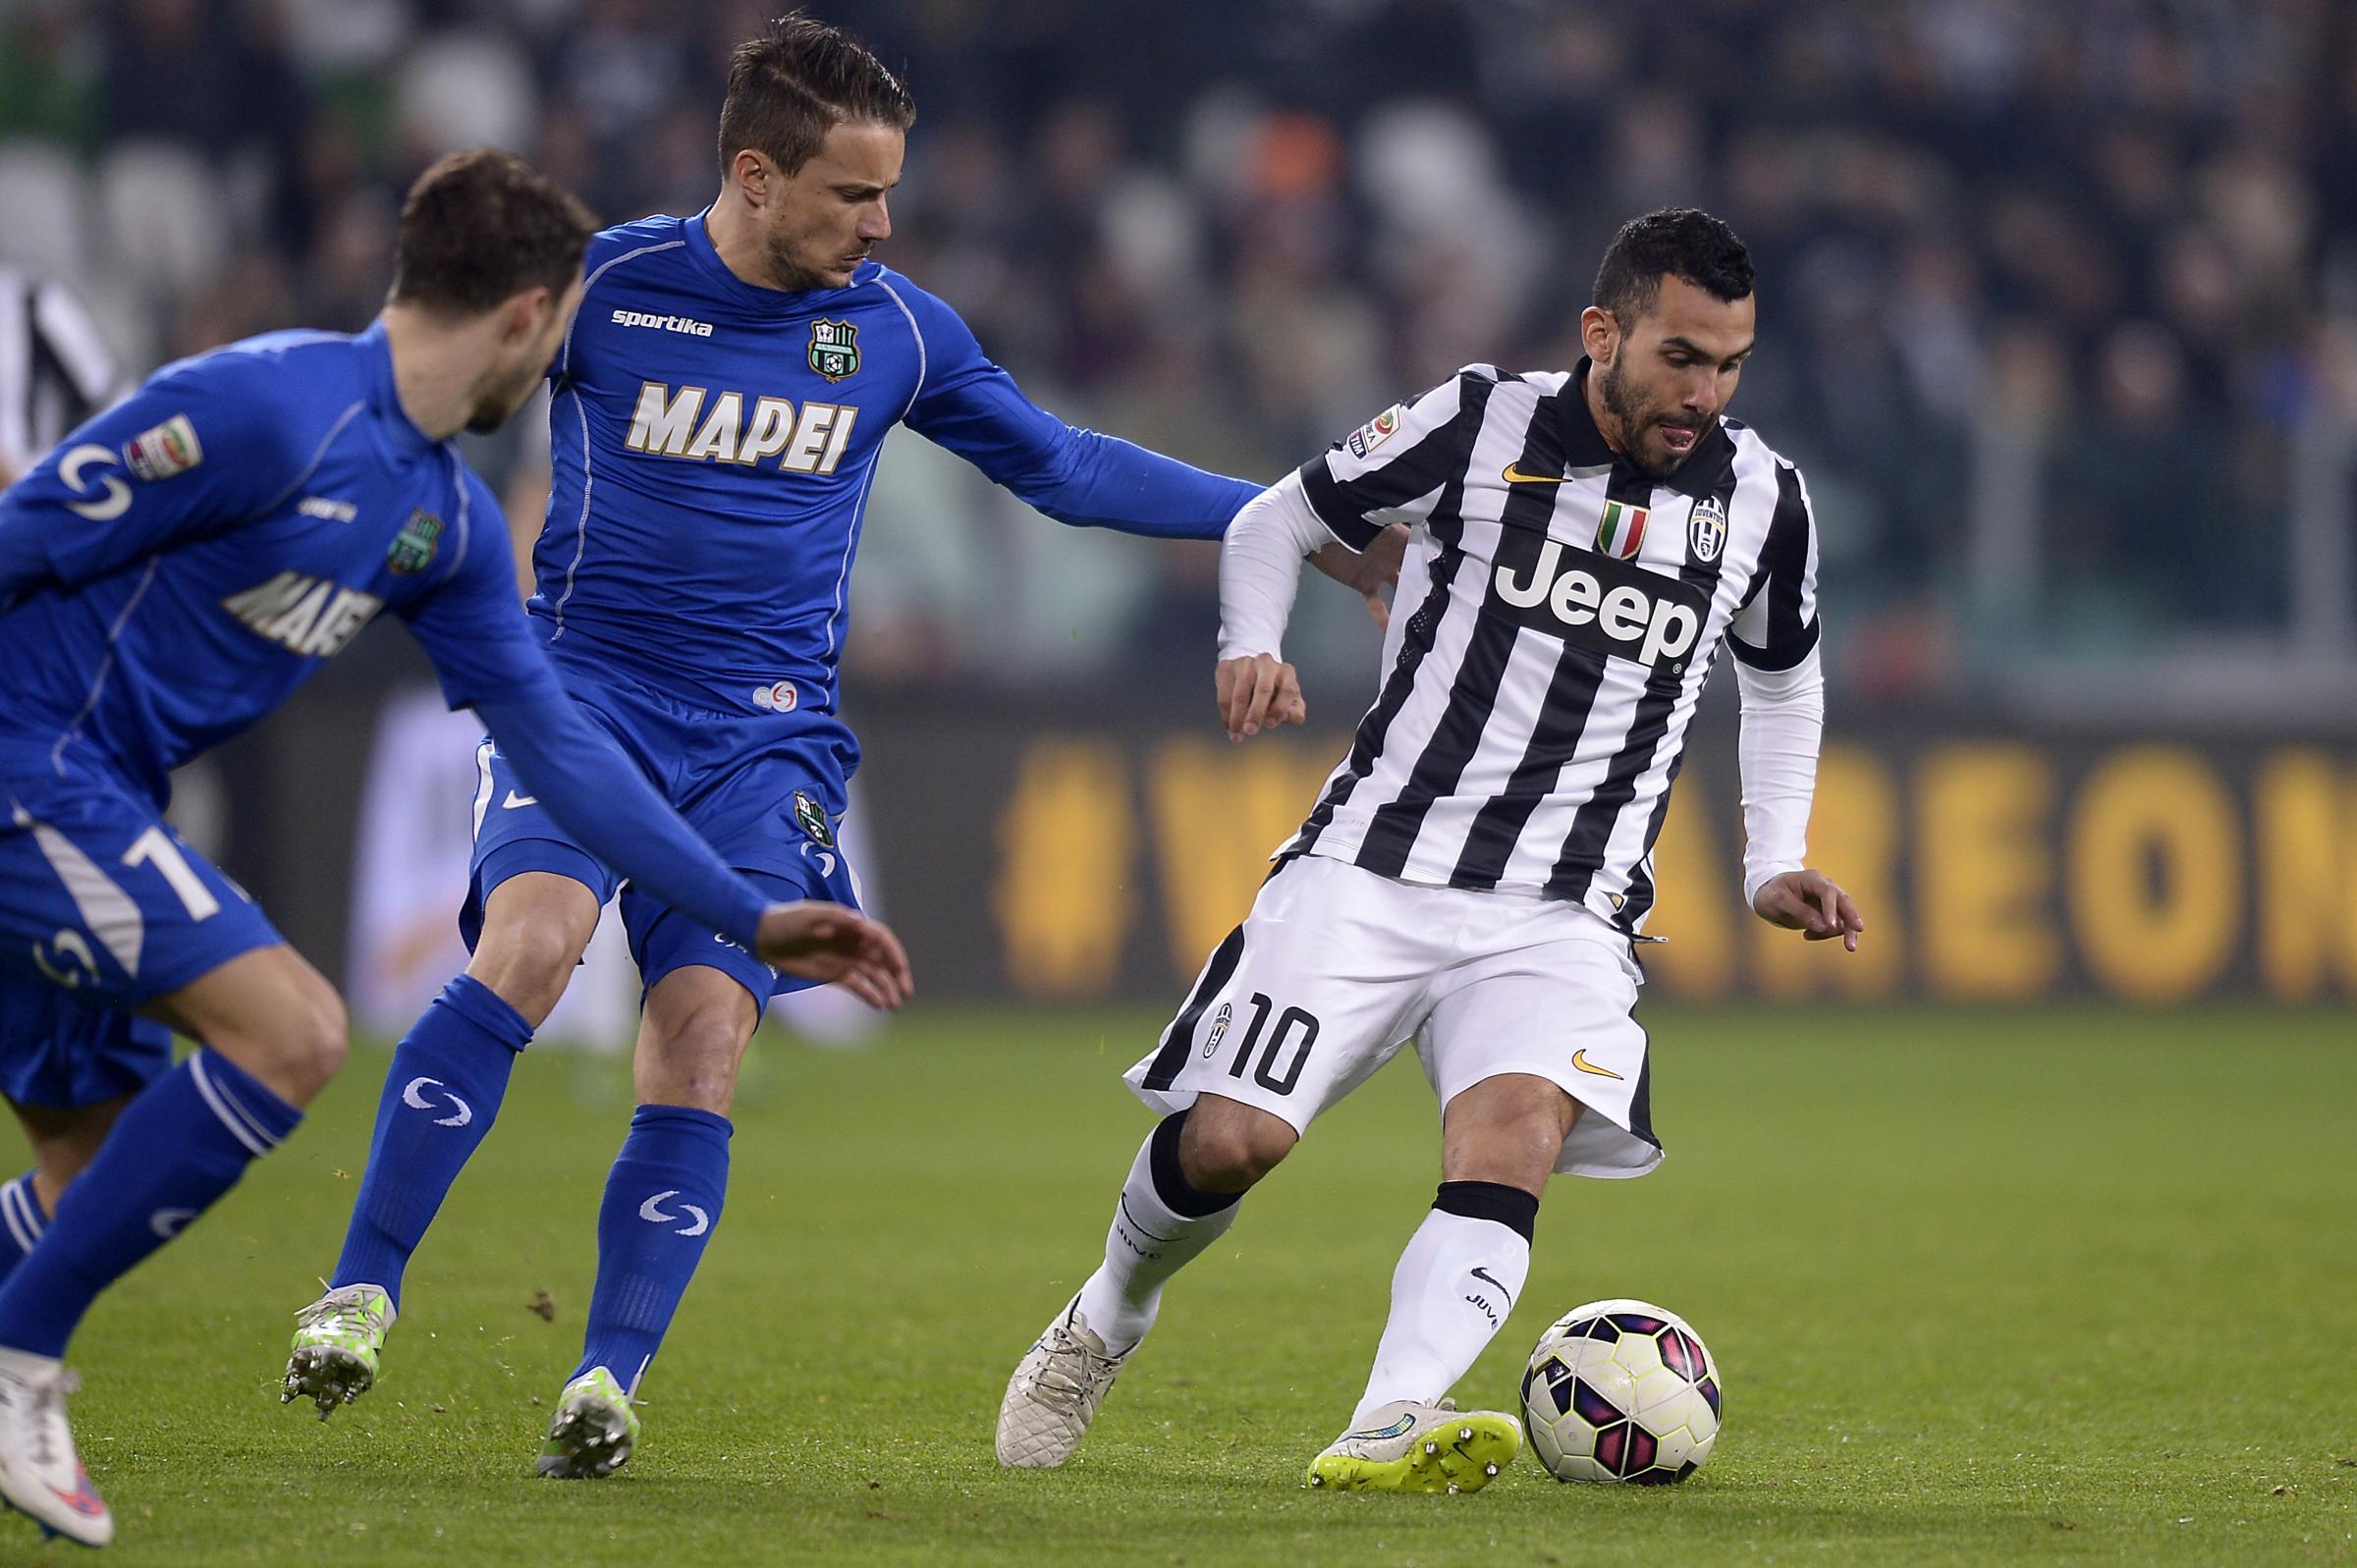 Sassuolo Mot Juventus: JUVENTUS-SASSUOLO (RISULTATO 1-0). Le Mani Sullo Scudetto